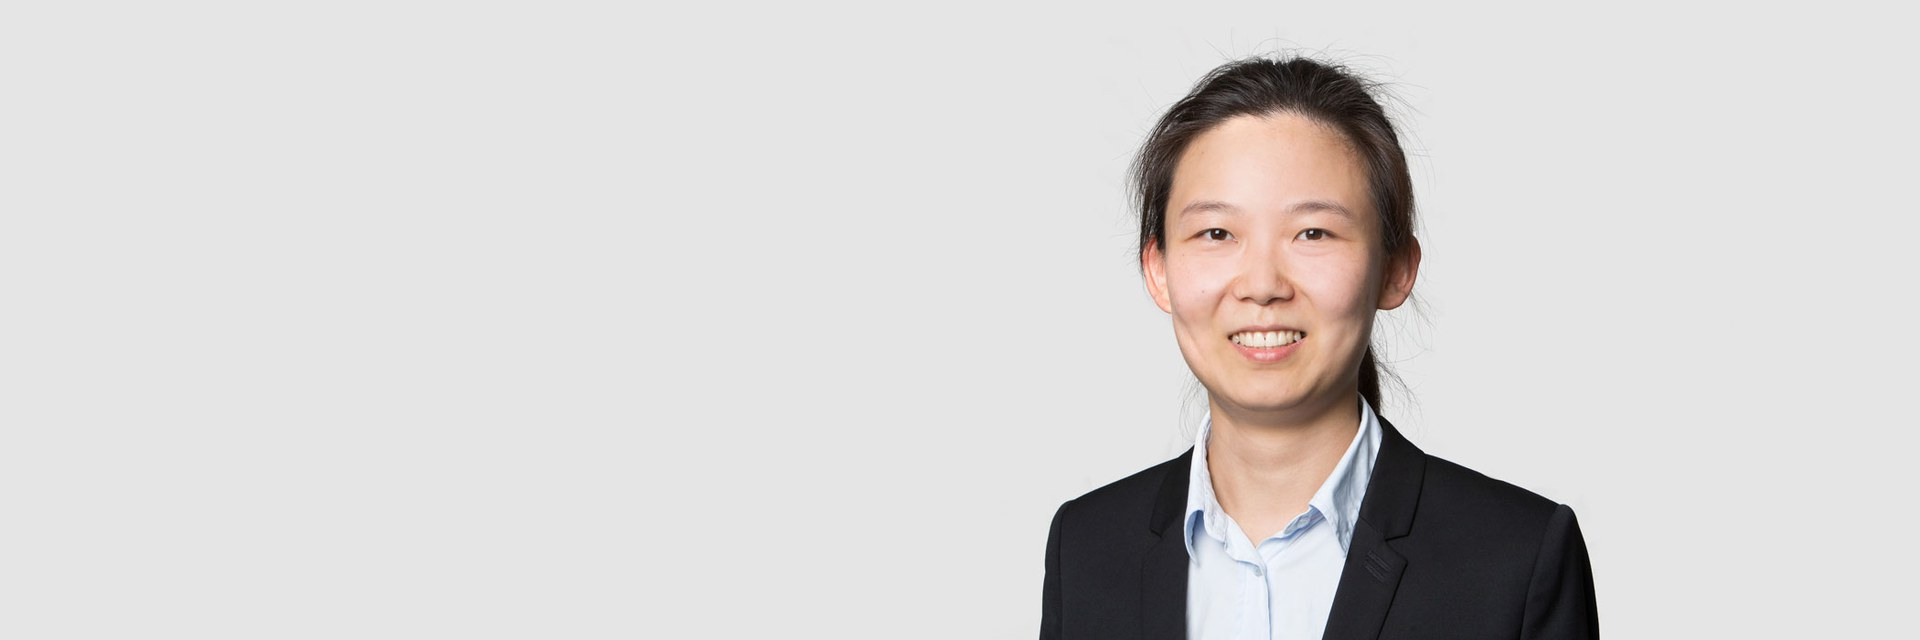 Dr. Miaomiao Wang